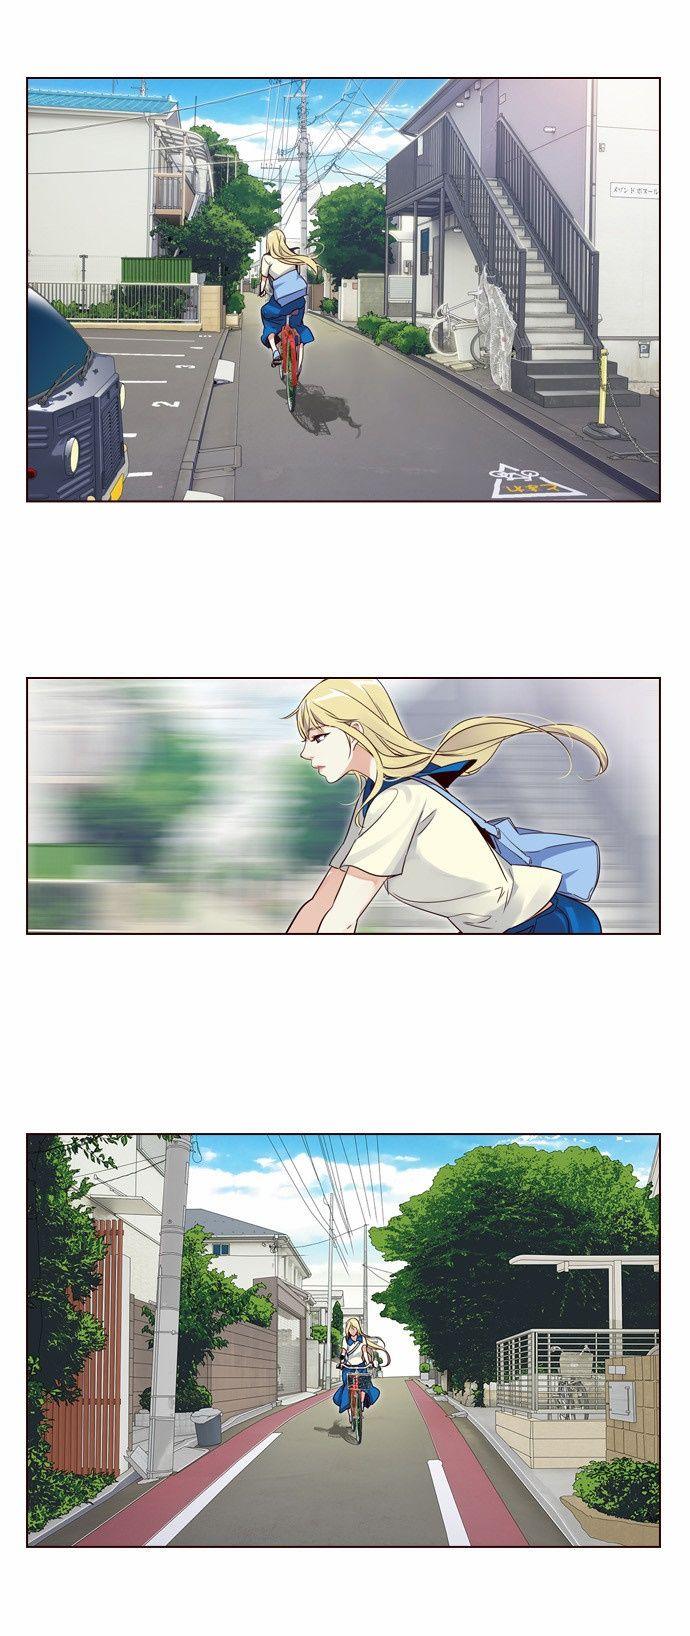 http://c5.ninemanga.com/es_manga/pic2/32/416/514297/6b8f07de11c0e35342e3b77bfea692ed.jpg Page 4